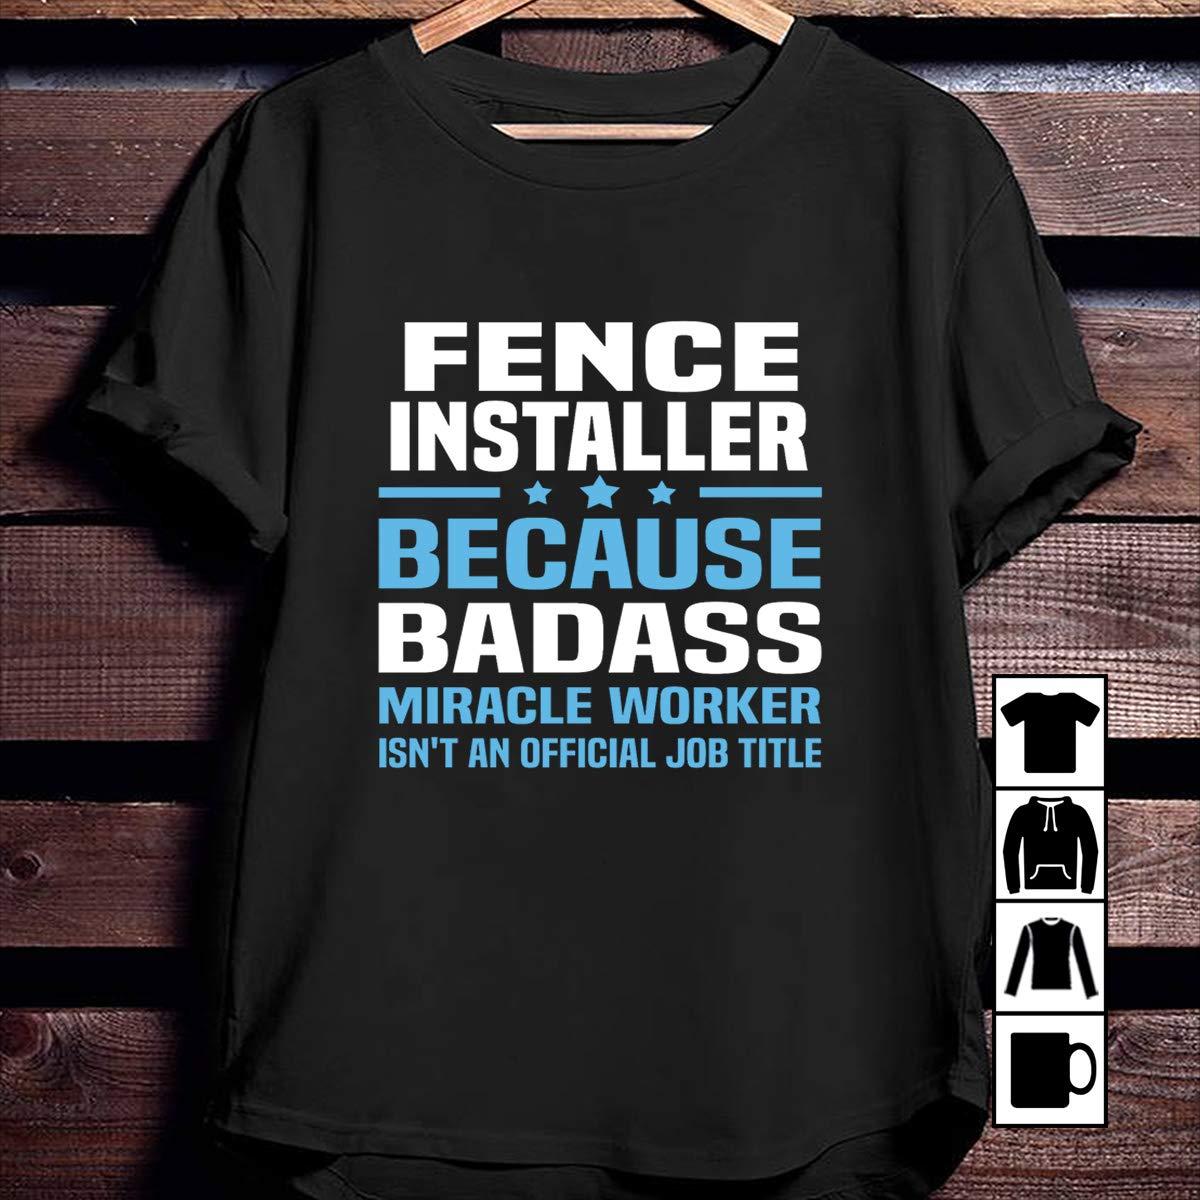 Fencing Fence Installer Because Badass Isn't An Job Title T Shirt